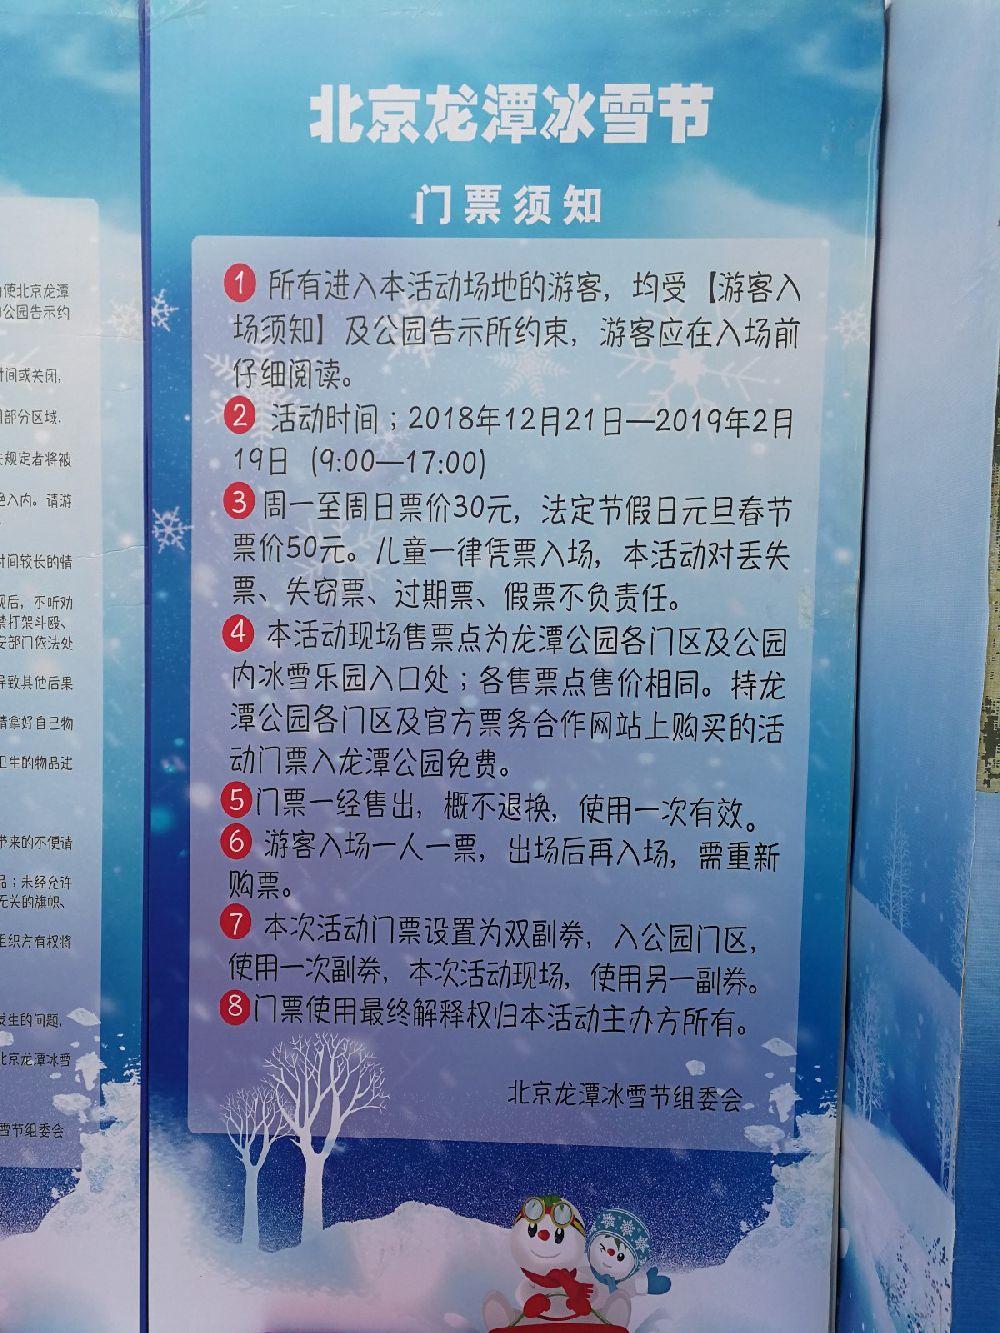 2018-2019北京龙潭公园冰雪节门票价格及售票地点